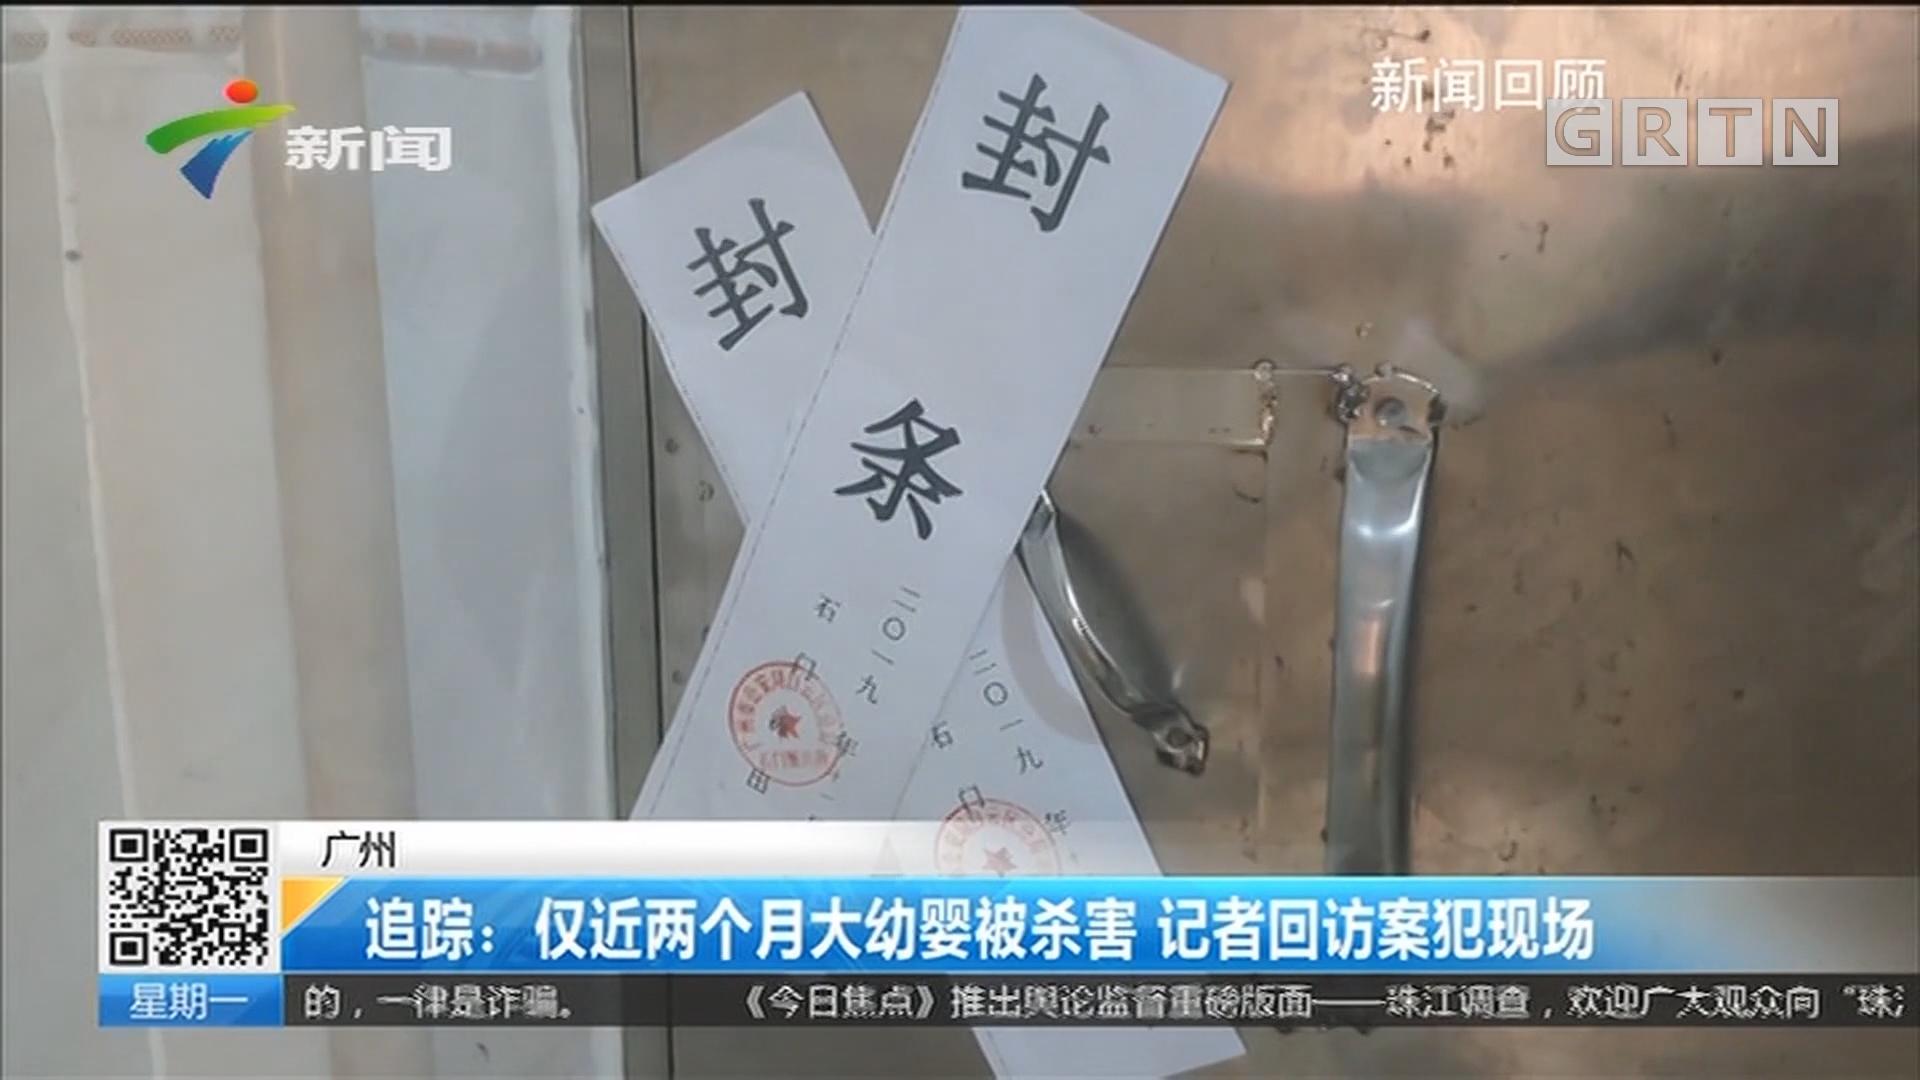 广州 追踪:仅近两个月大幼婴被杀害 记者回访案犯现场